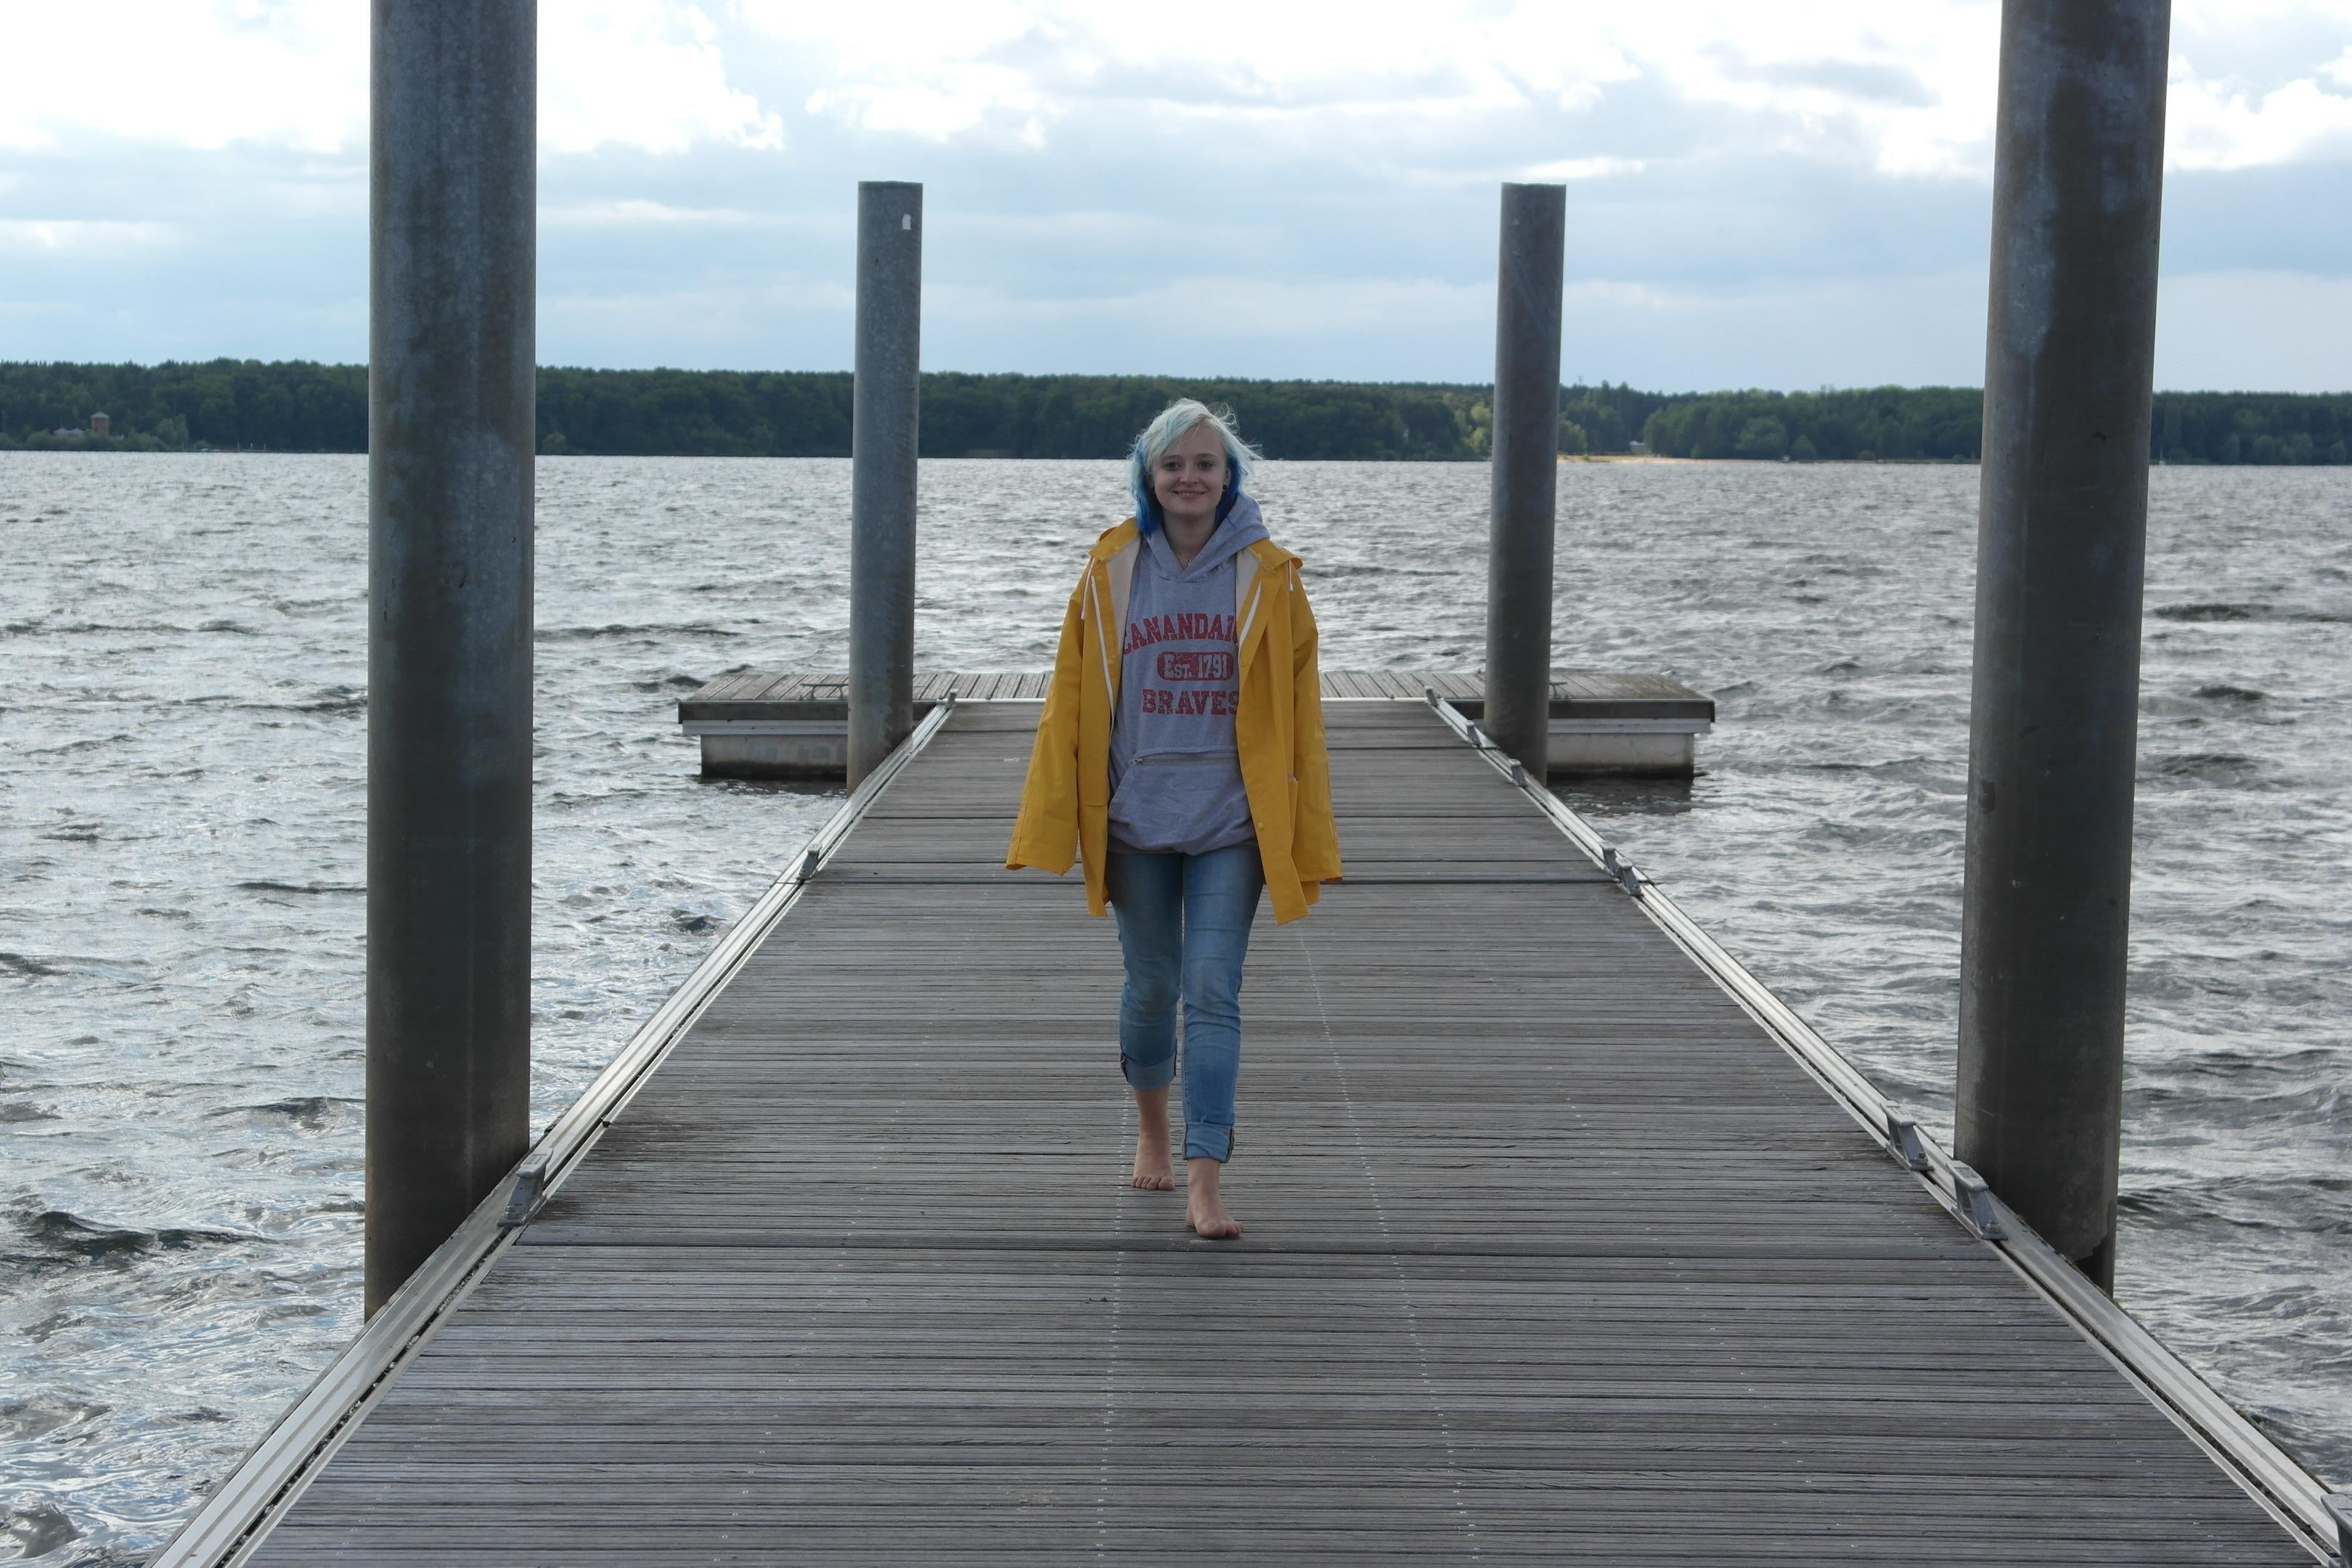 Taking a stroll along a boardwalk.